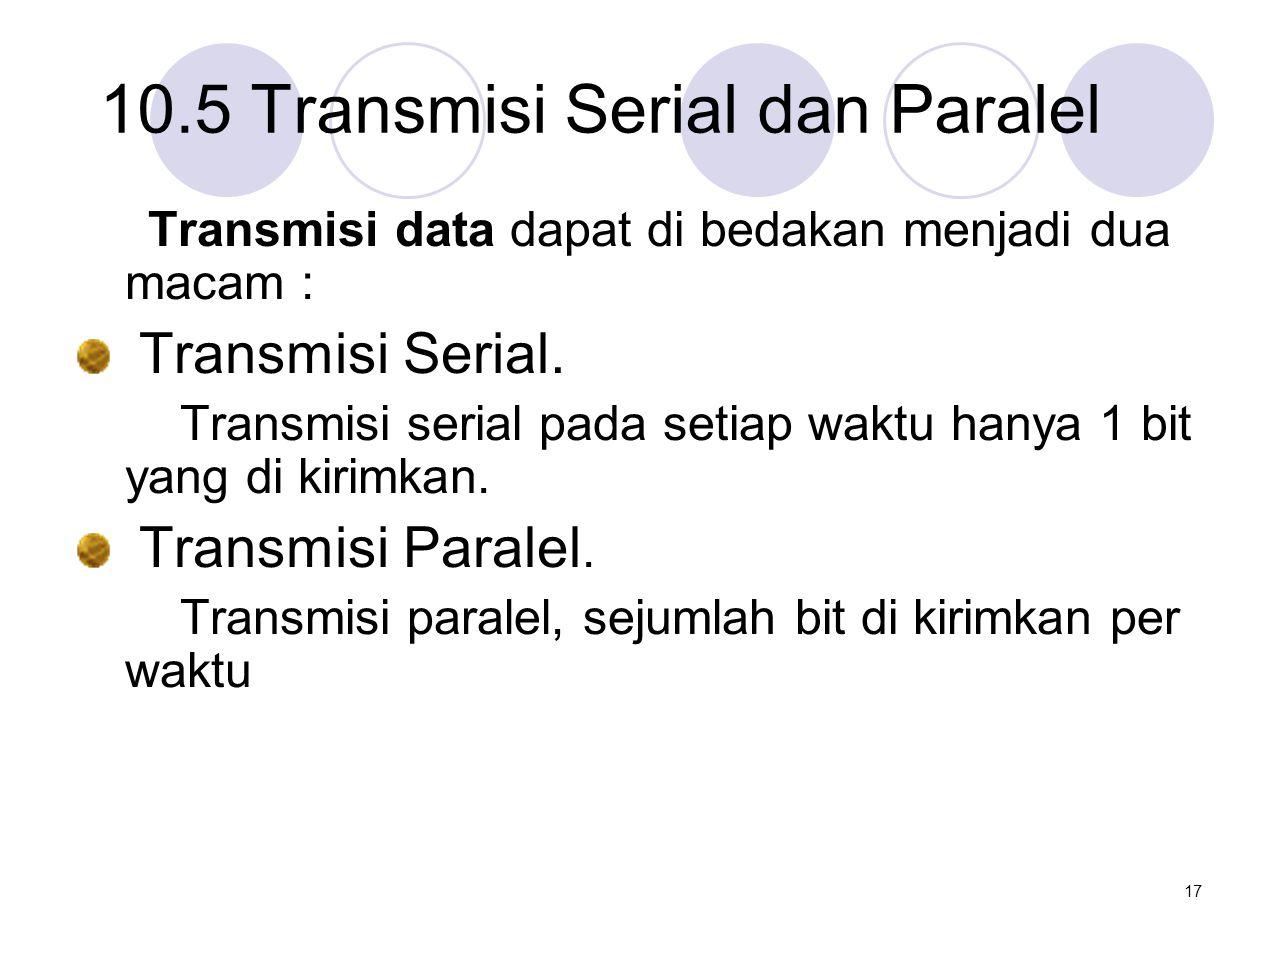 10.5 Transmisi Serial dan Paralel Transmisi data dapat di bedakan menjadi dua macam : Transmisi Serial. Transmisi serial pada setiap waktu hanya 1 bit